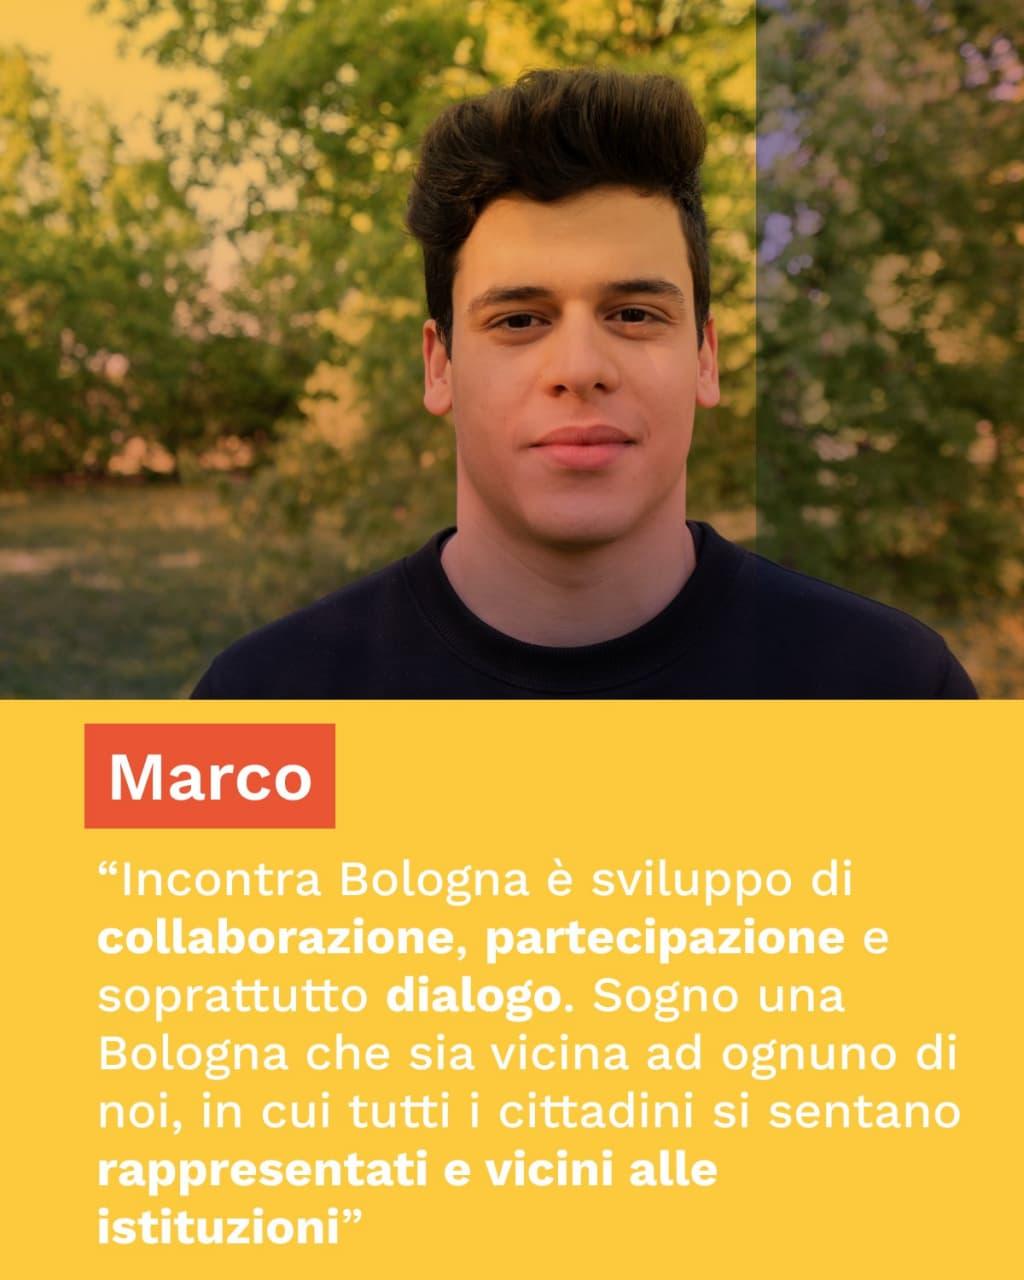 Cos'è incontra bologna per Marco